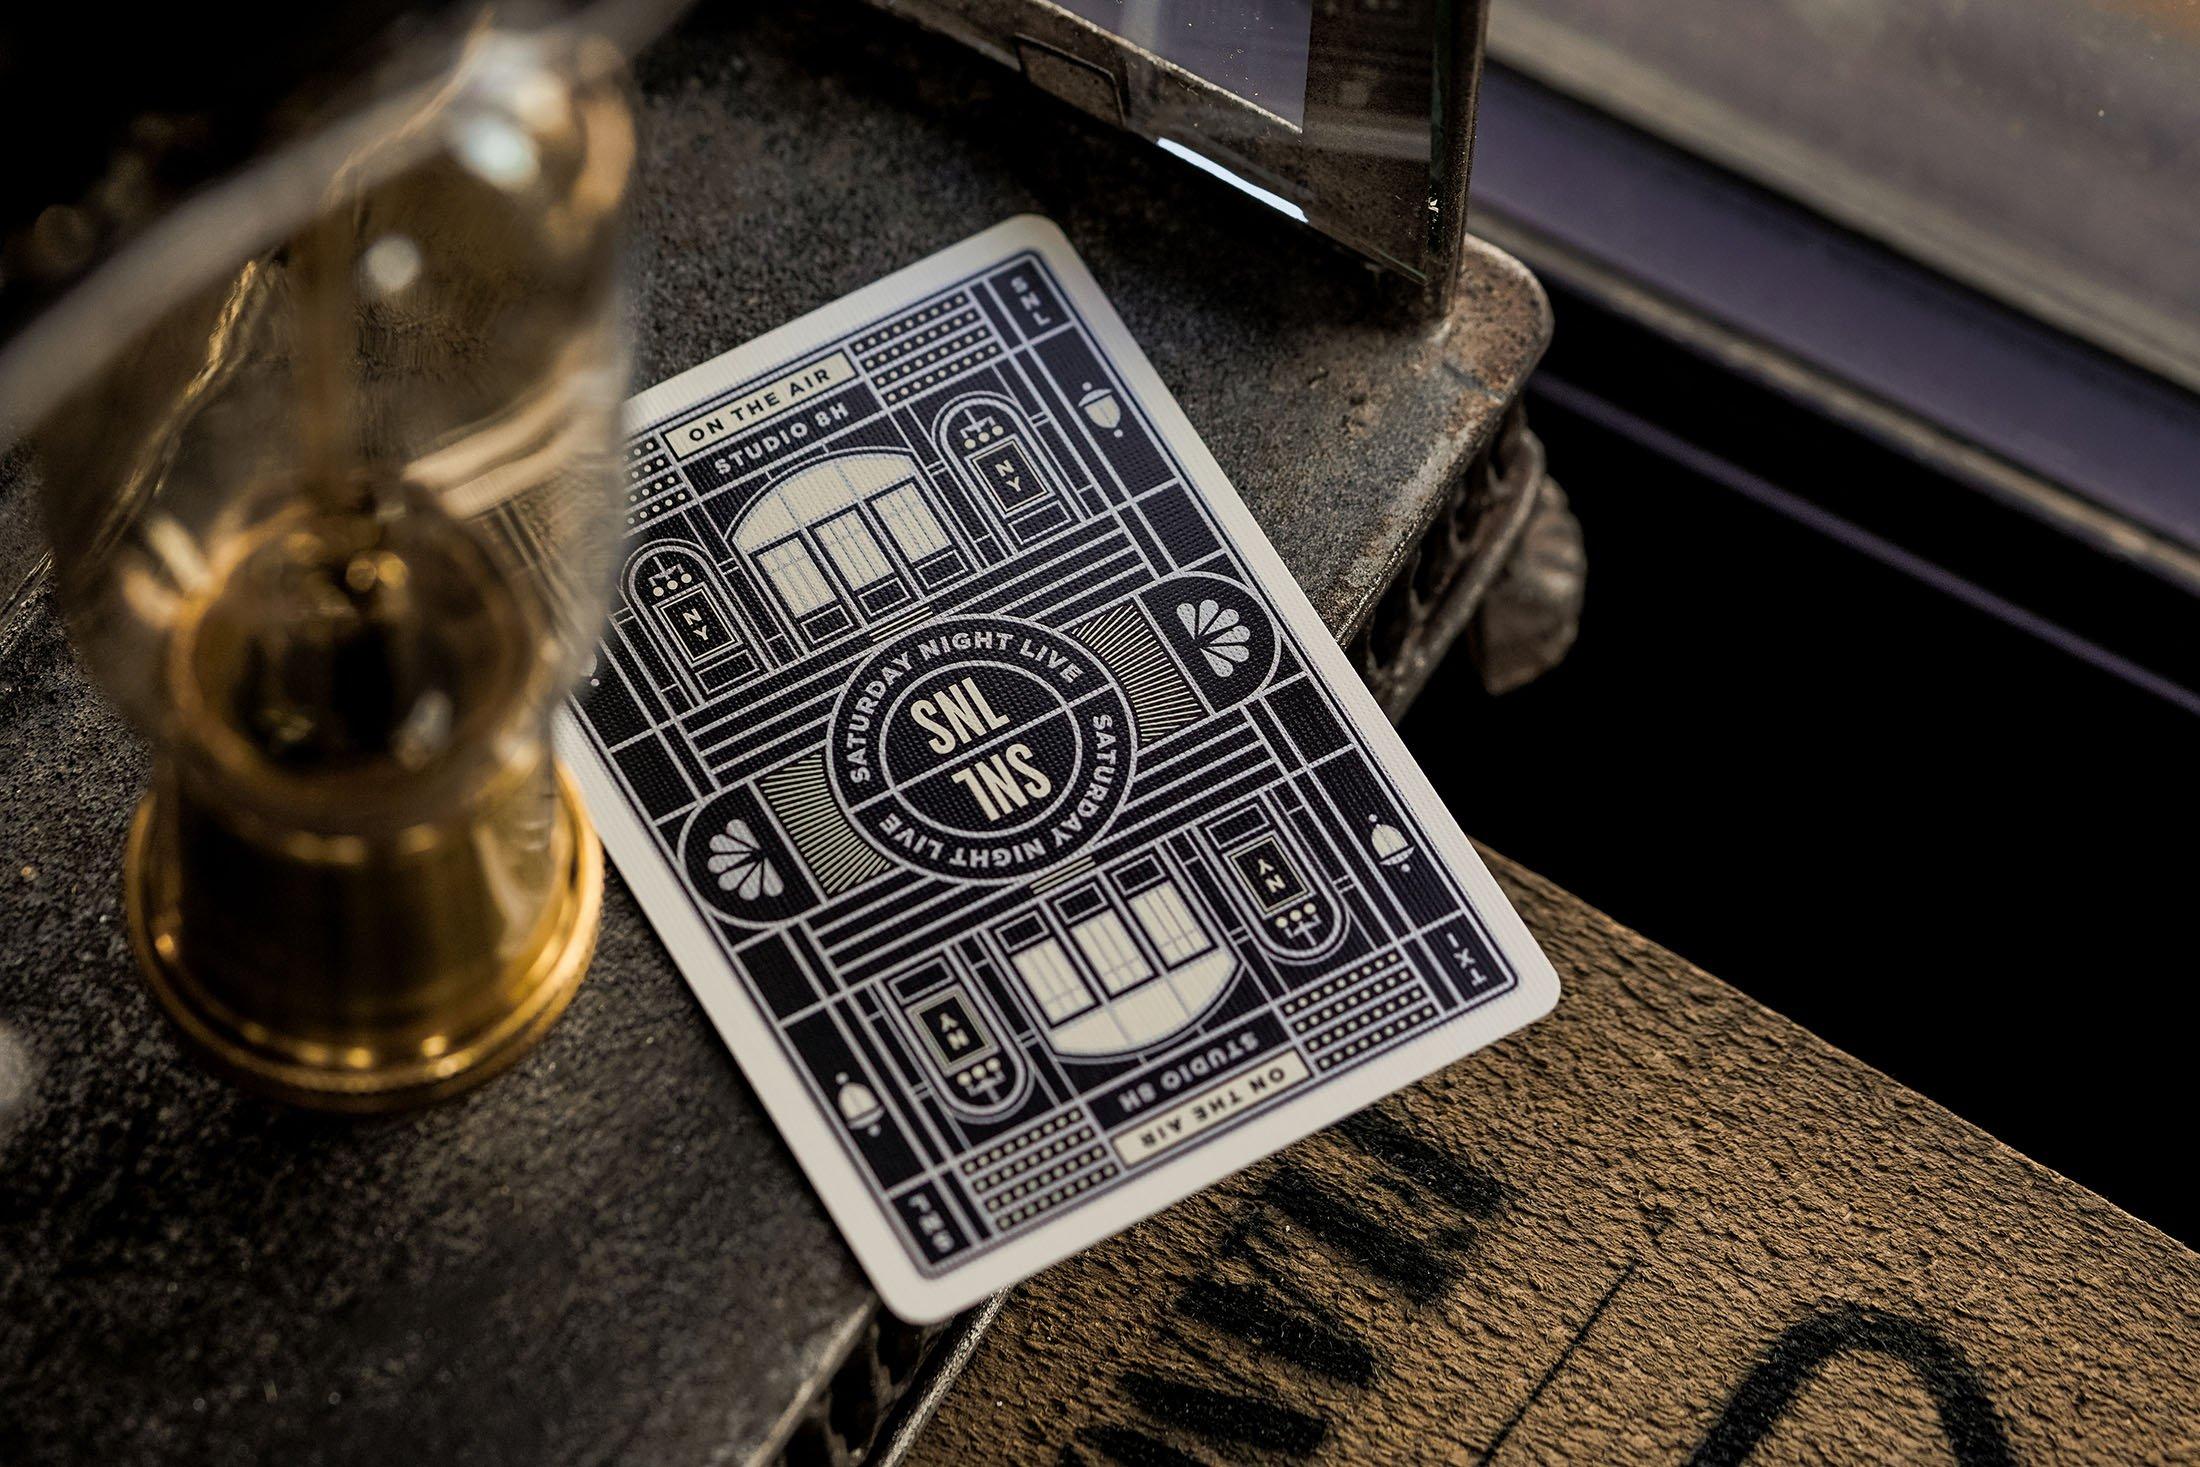 SNL - talia pokerowa od Theory11 - widok karty